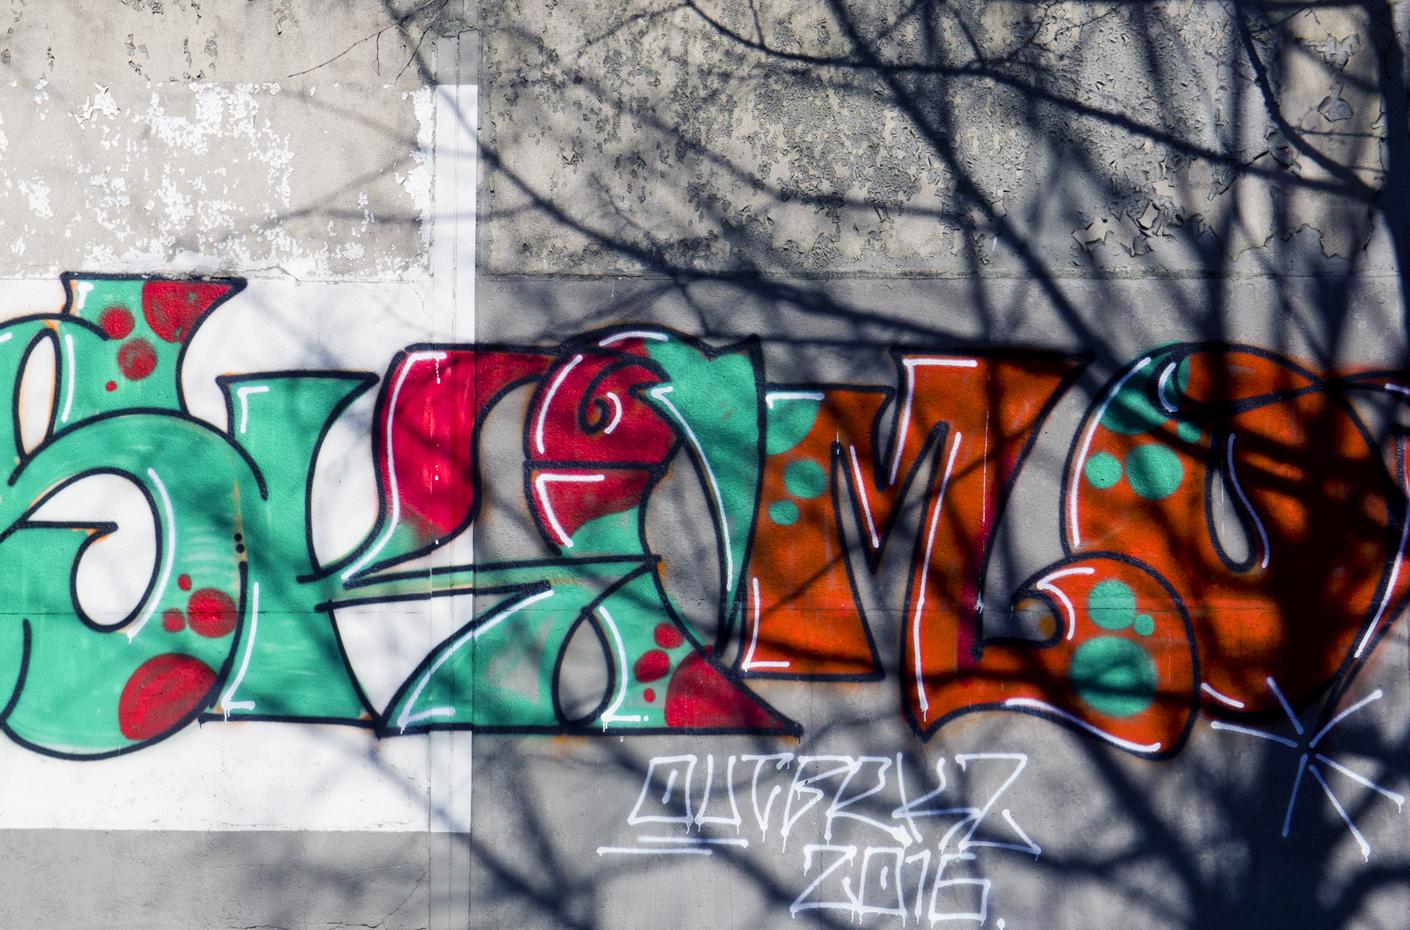 Graffiti and Shadows